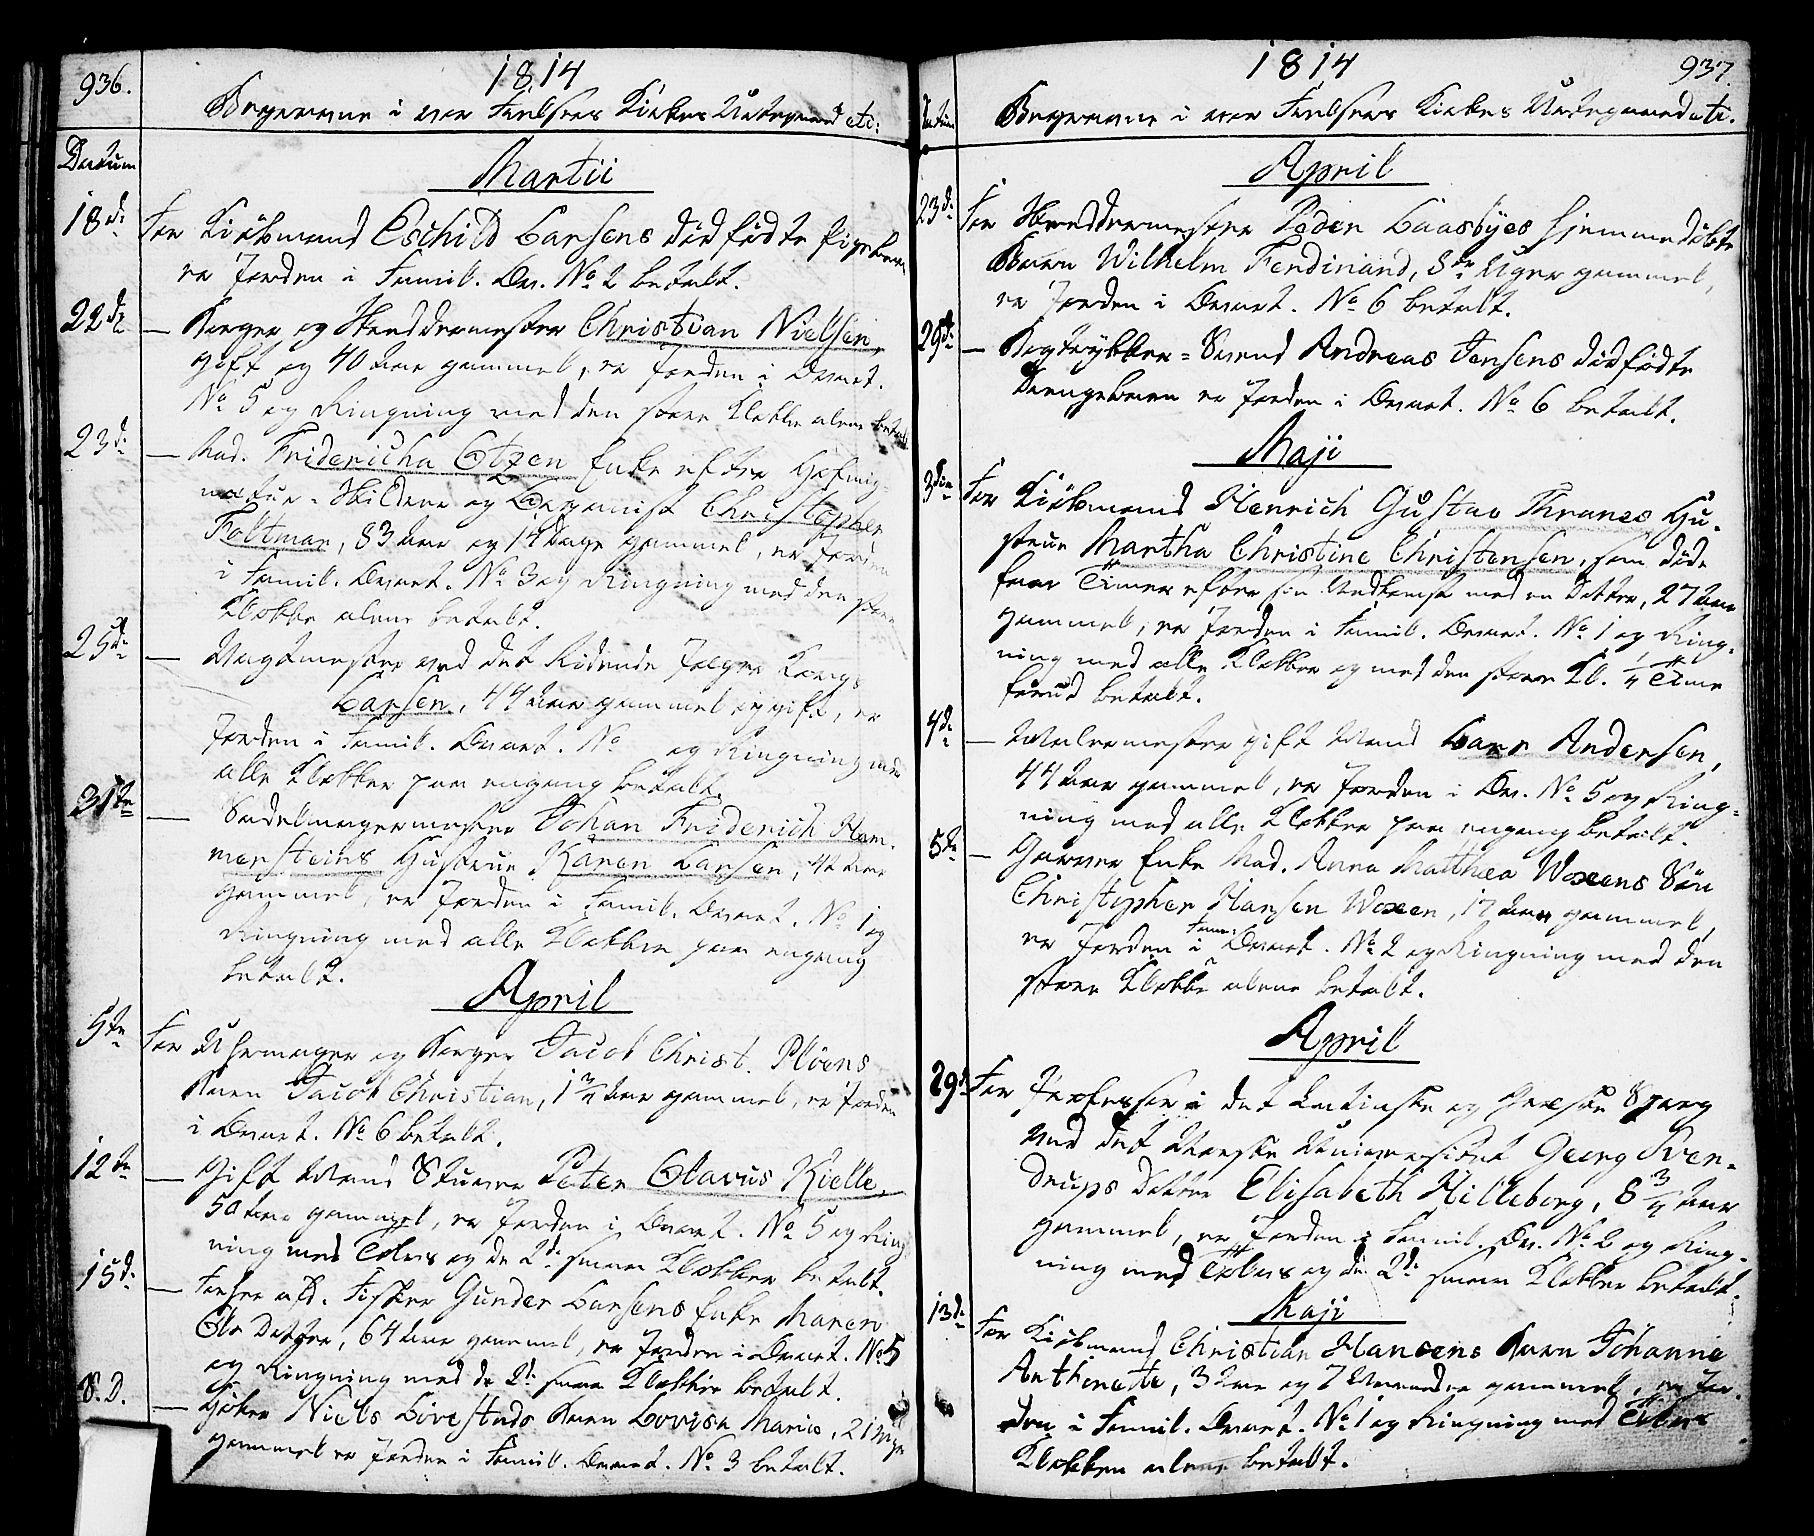 SAO, Oslo domkirke Kirkebøker, F/Fa/L0006: Ministerialbok nr. 6, 1807-1817, s. 936-937